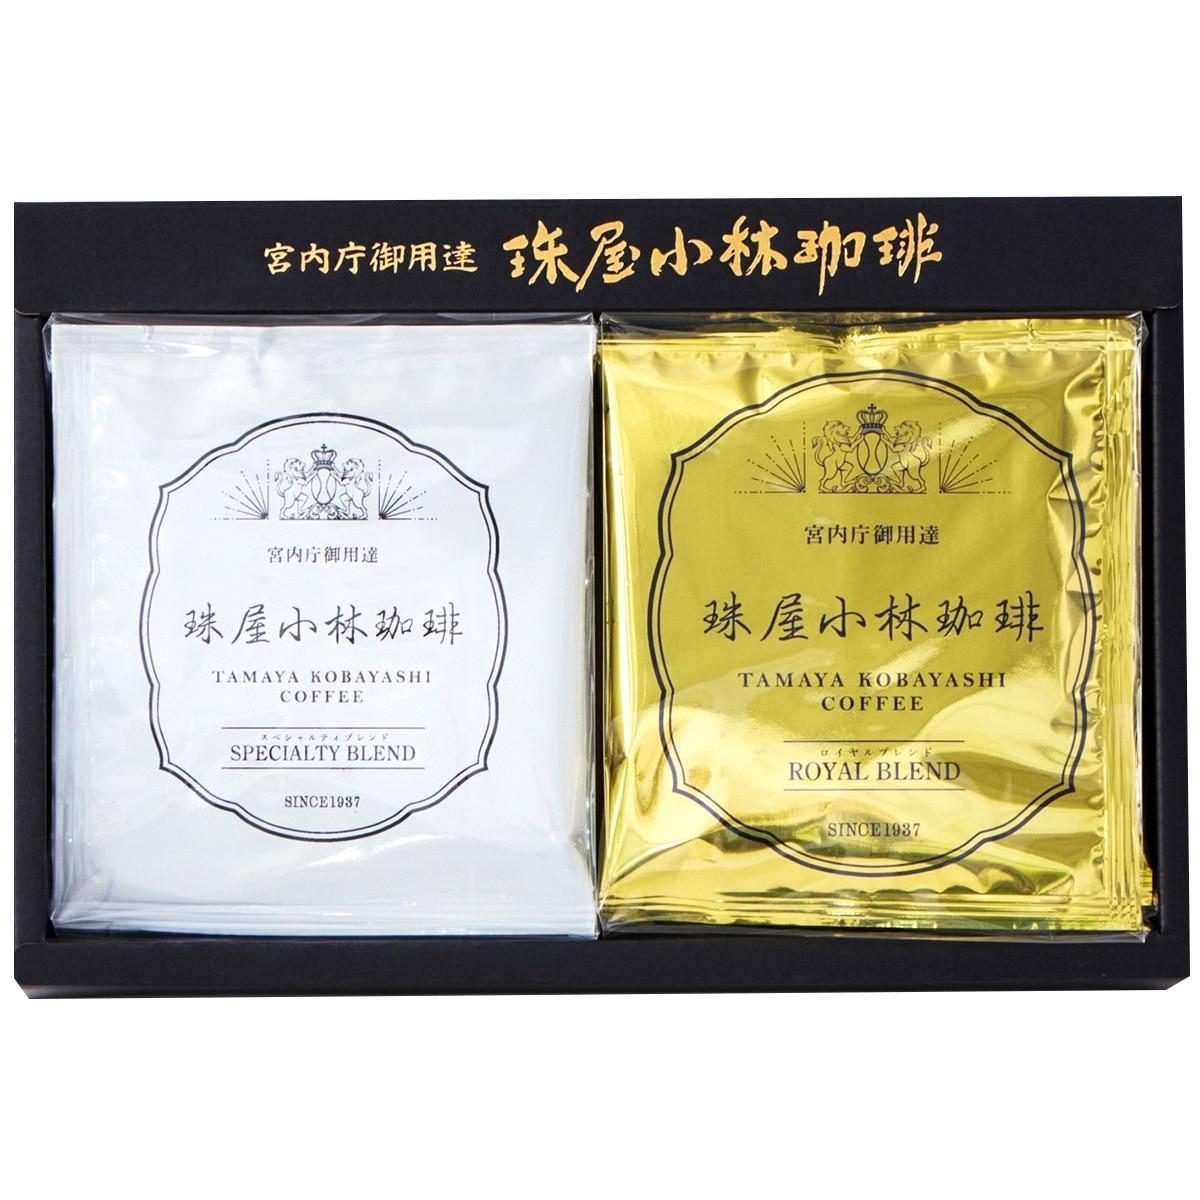 珠屋珈琲 宮内庁御用達 珠屋小林珈琲ドリップコーヒーギフト2